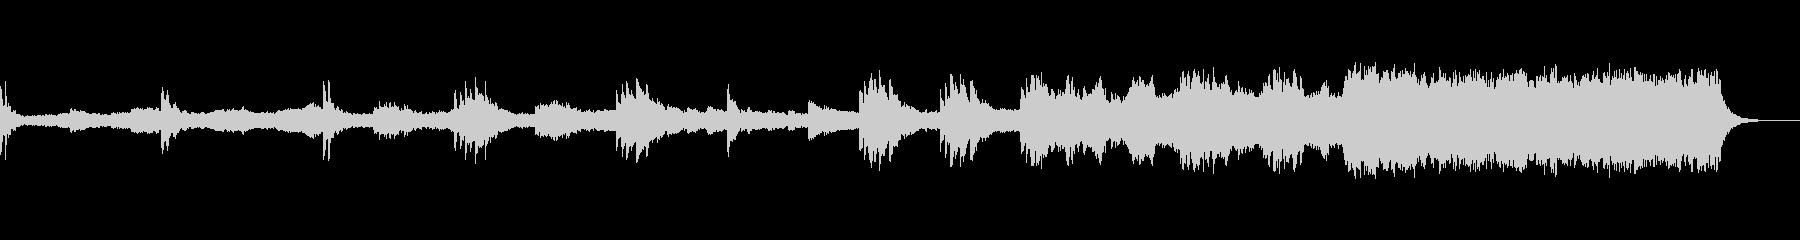 甲高い音、ピアノとシンセのスローな奏の未再生の波形